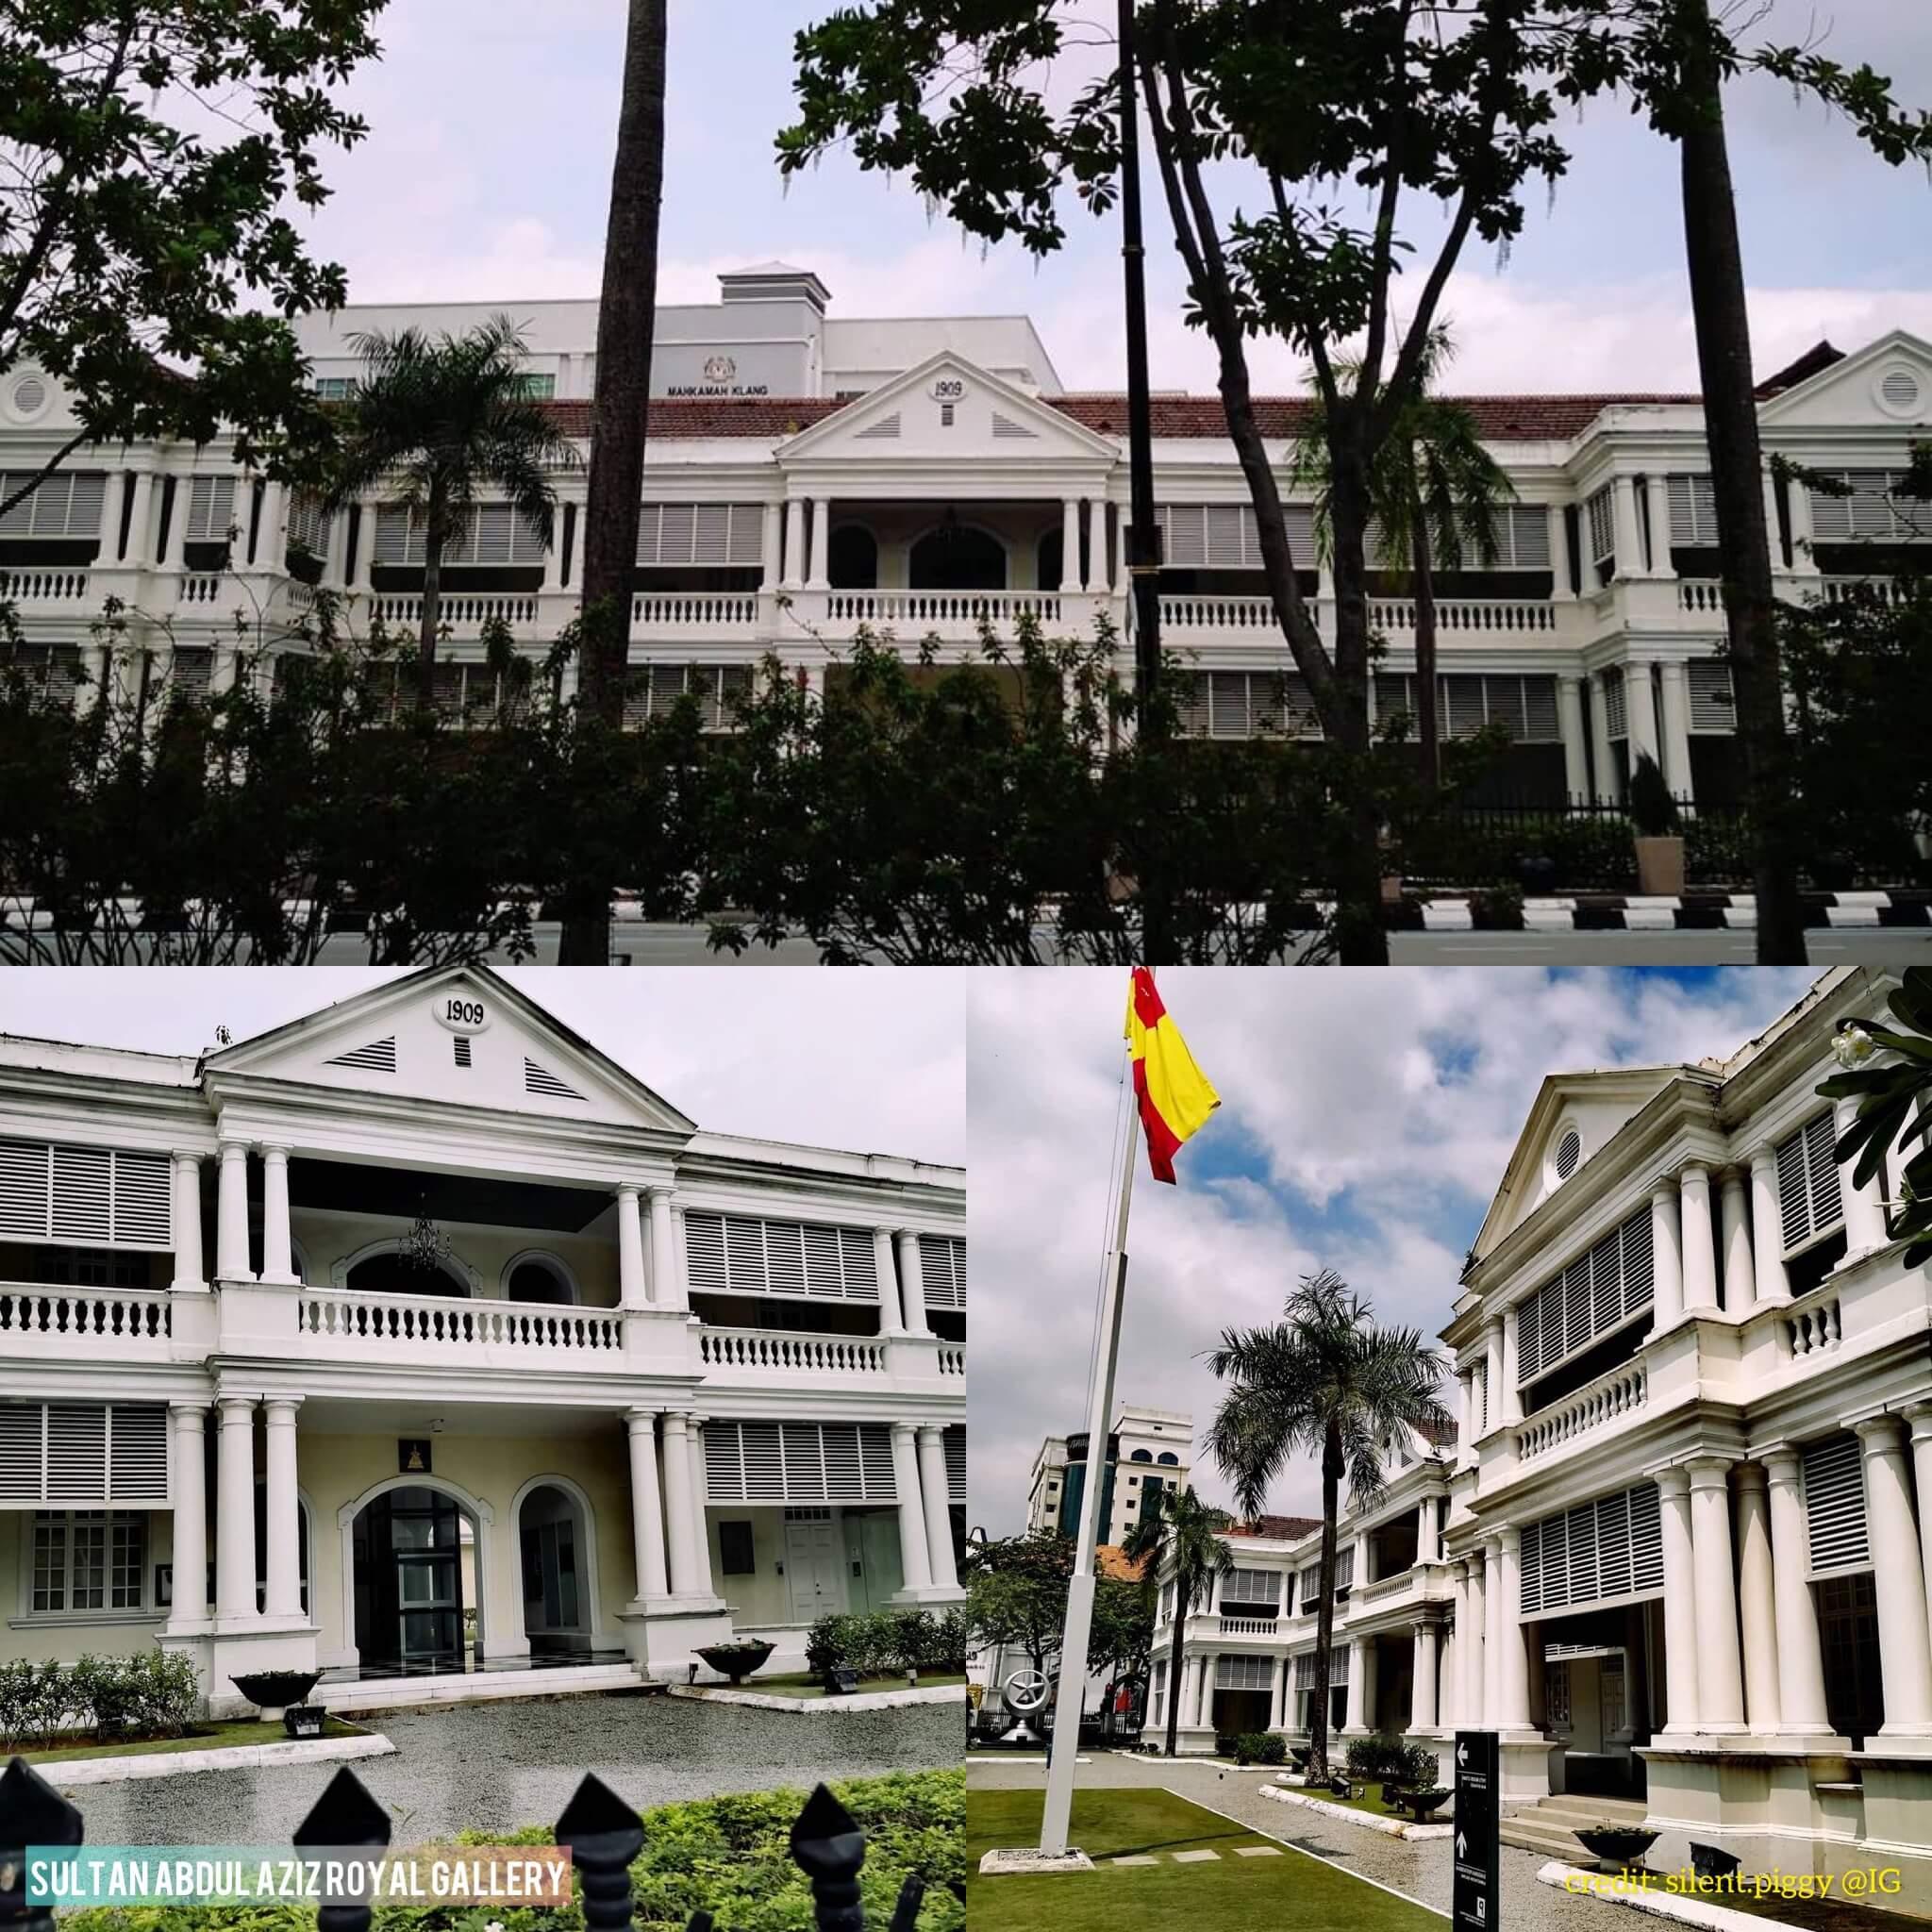 Sultan Abdul Aziz Royal Gallery Klang